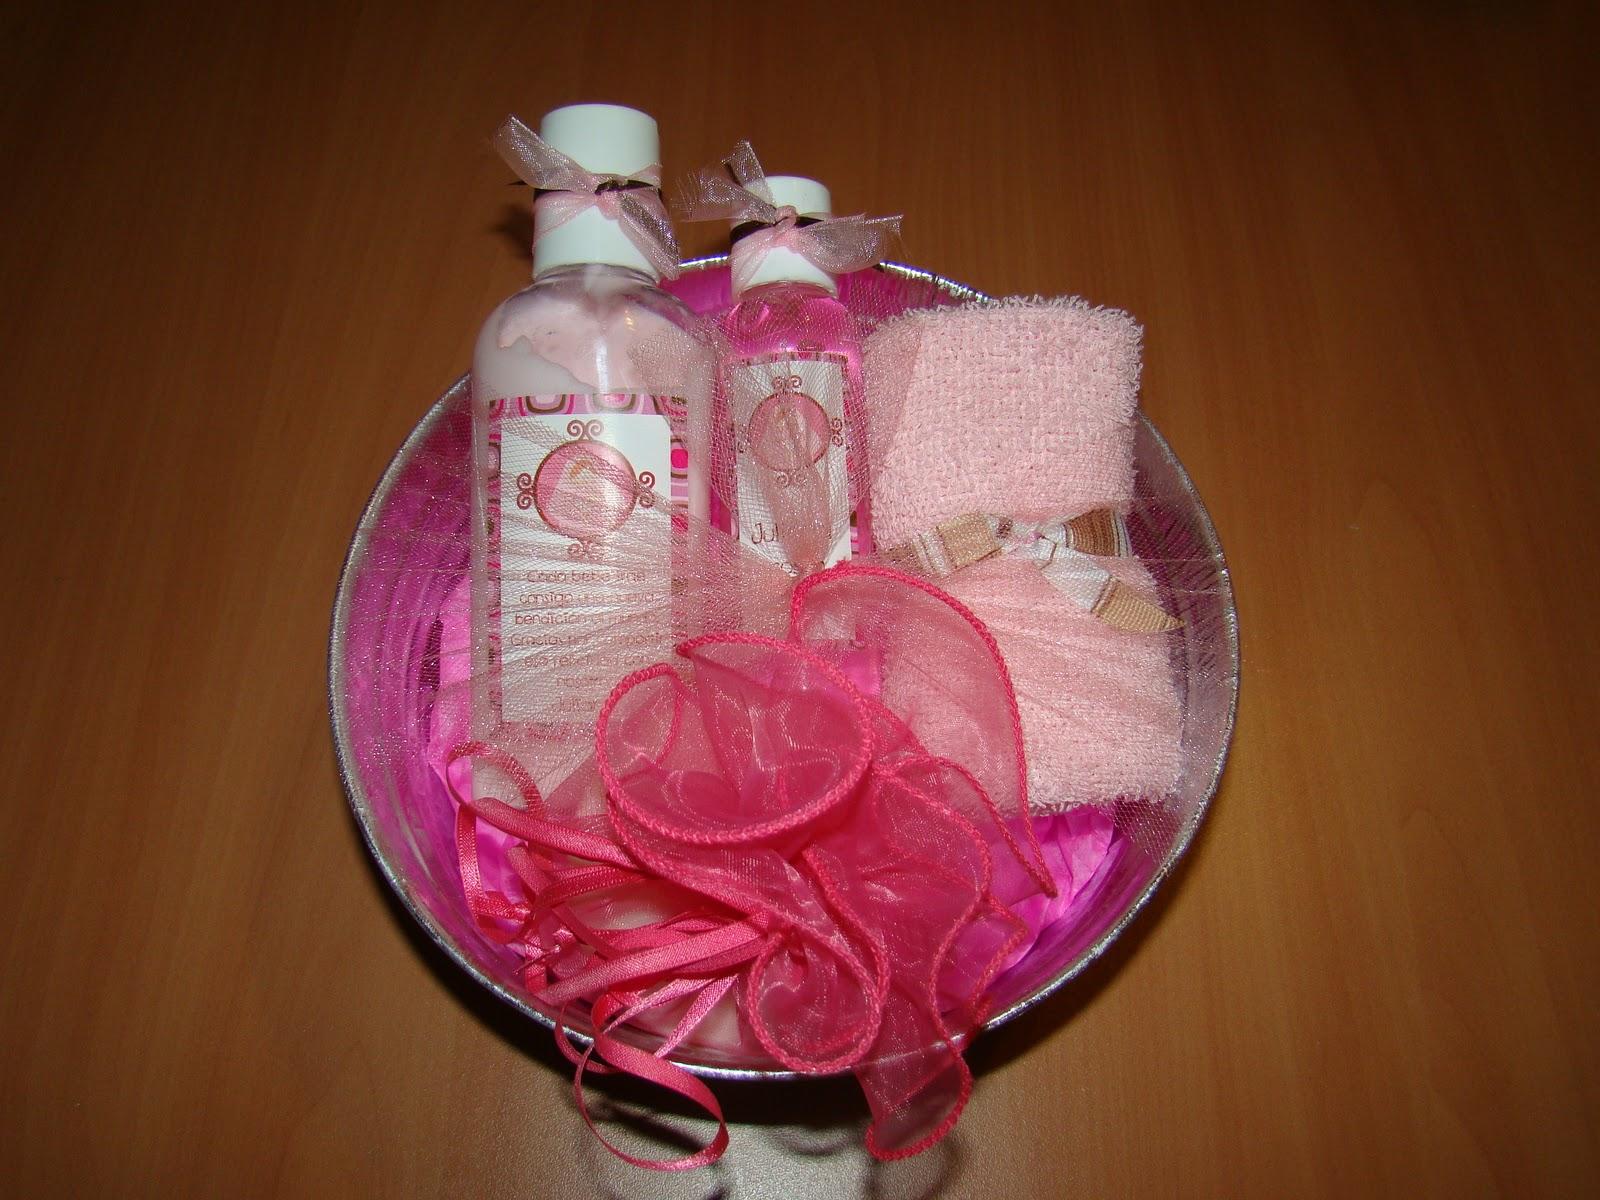 Jabon Para Tina De Baño:Lindas tinas para baño con crema para manos personalizada, gel